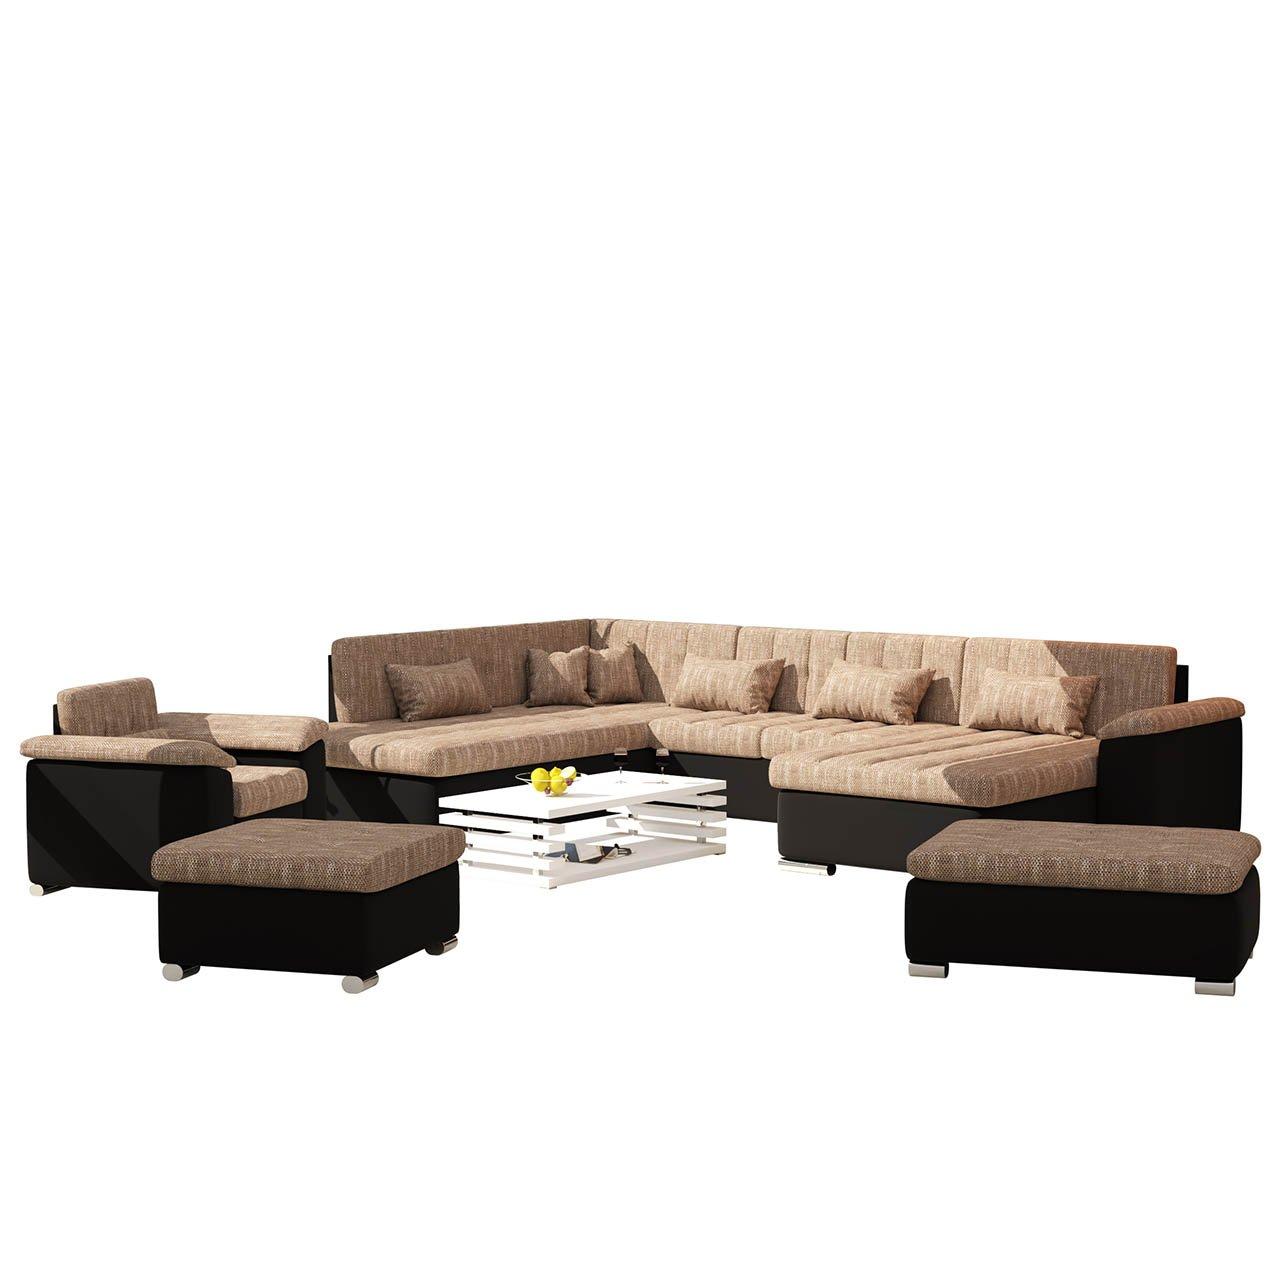 Astounding Eckcouch Kaufen Dekoration Von Niko I Moderne Polstergarnitur Mit Schlaffunktion Sessel